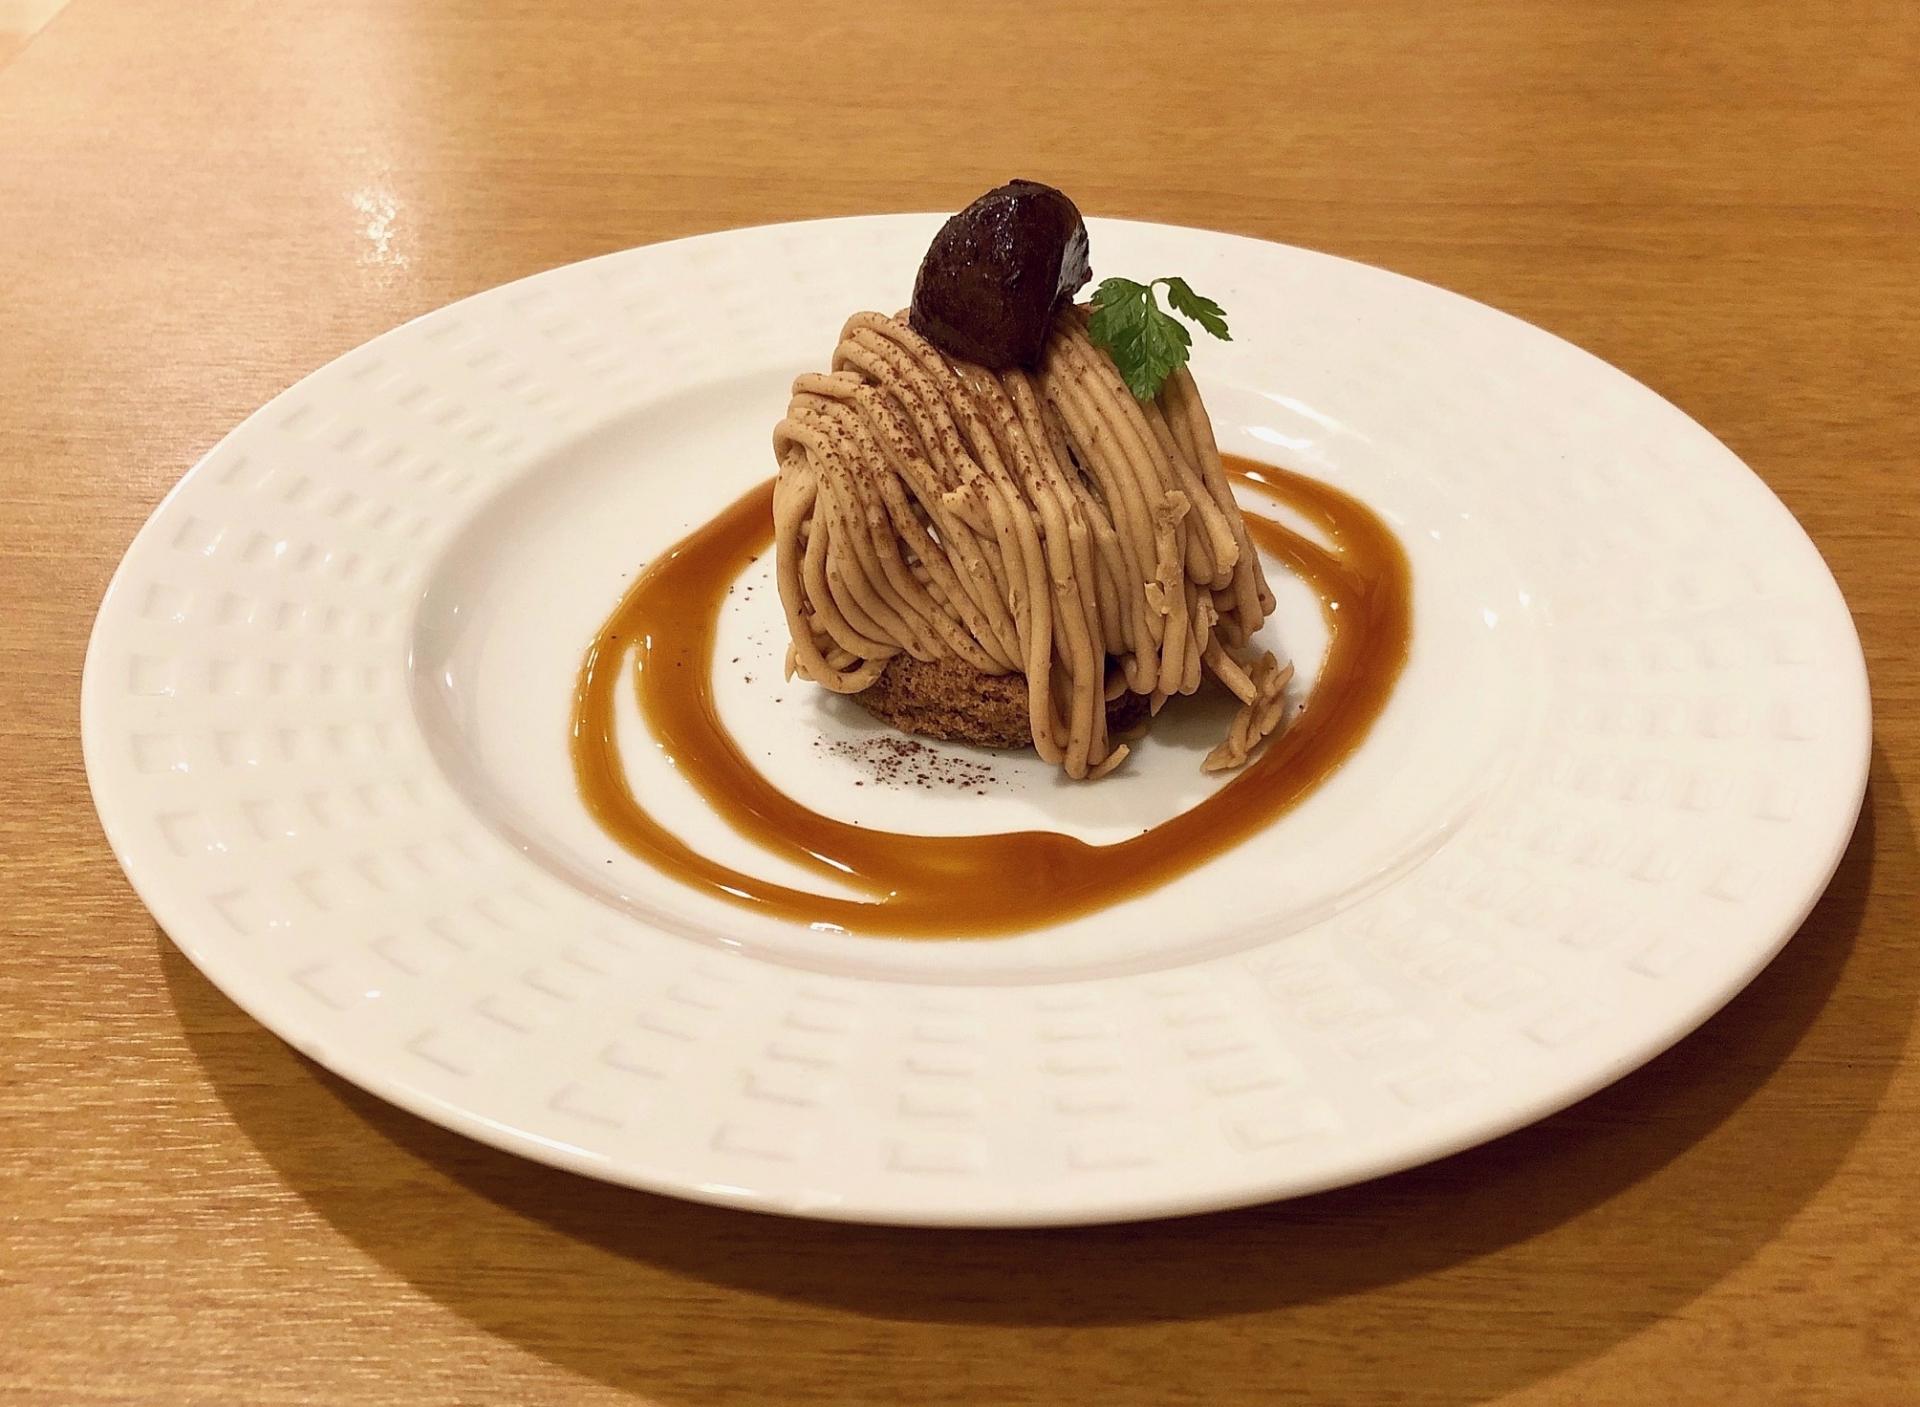 京都の「10分モンブラン」は行列の絶えない有名スイーツ!売り切れに注意!